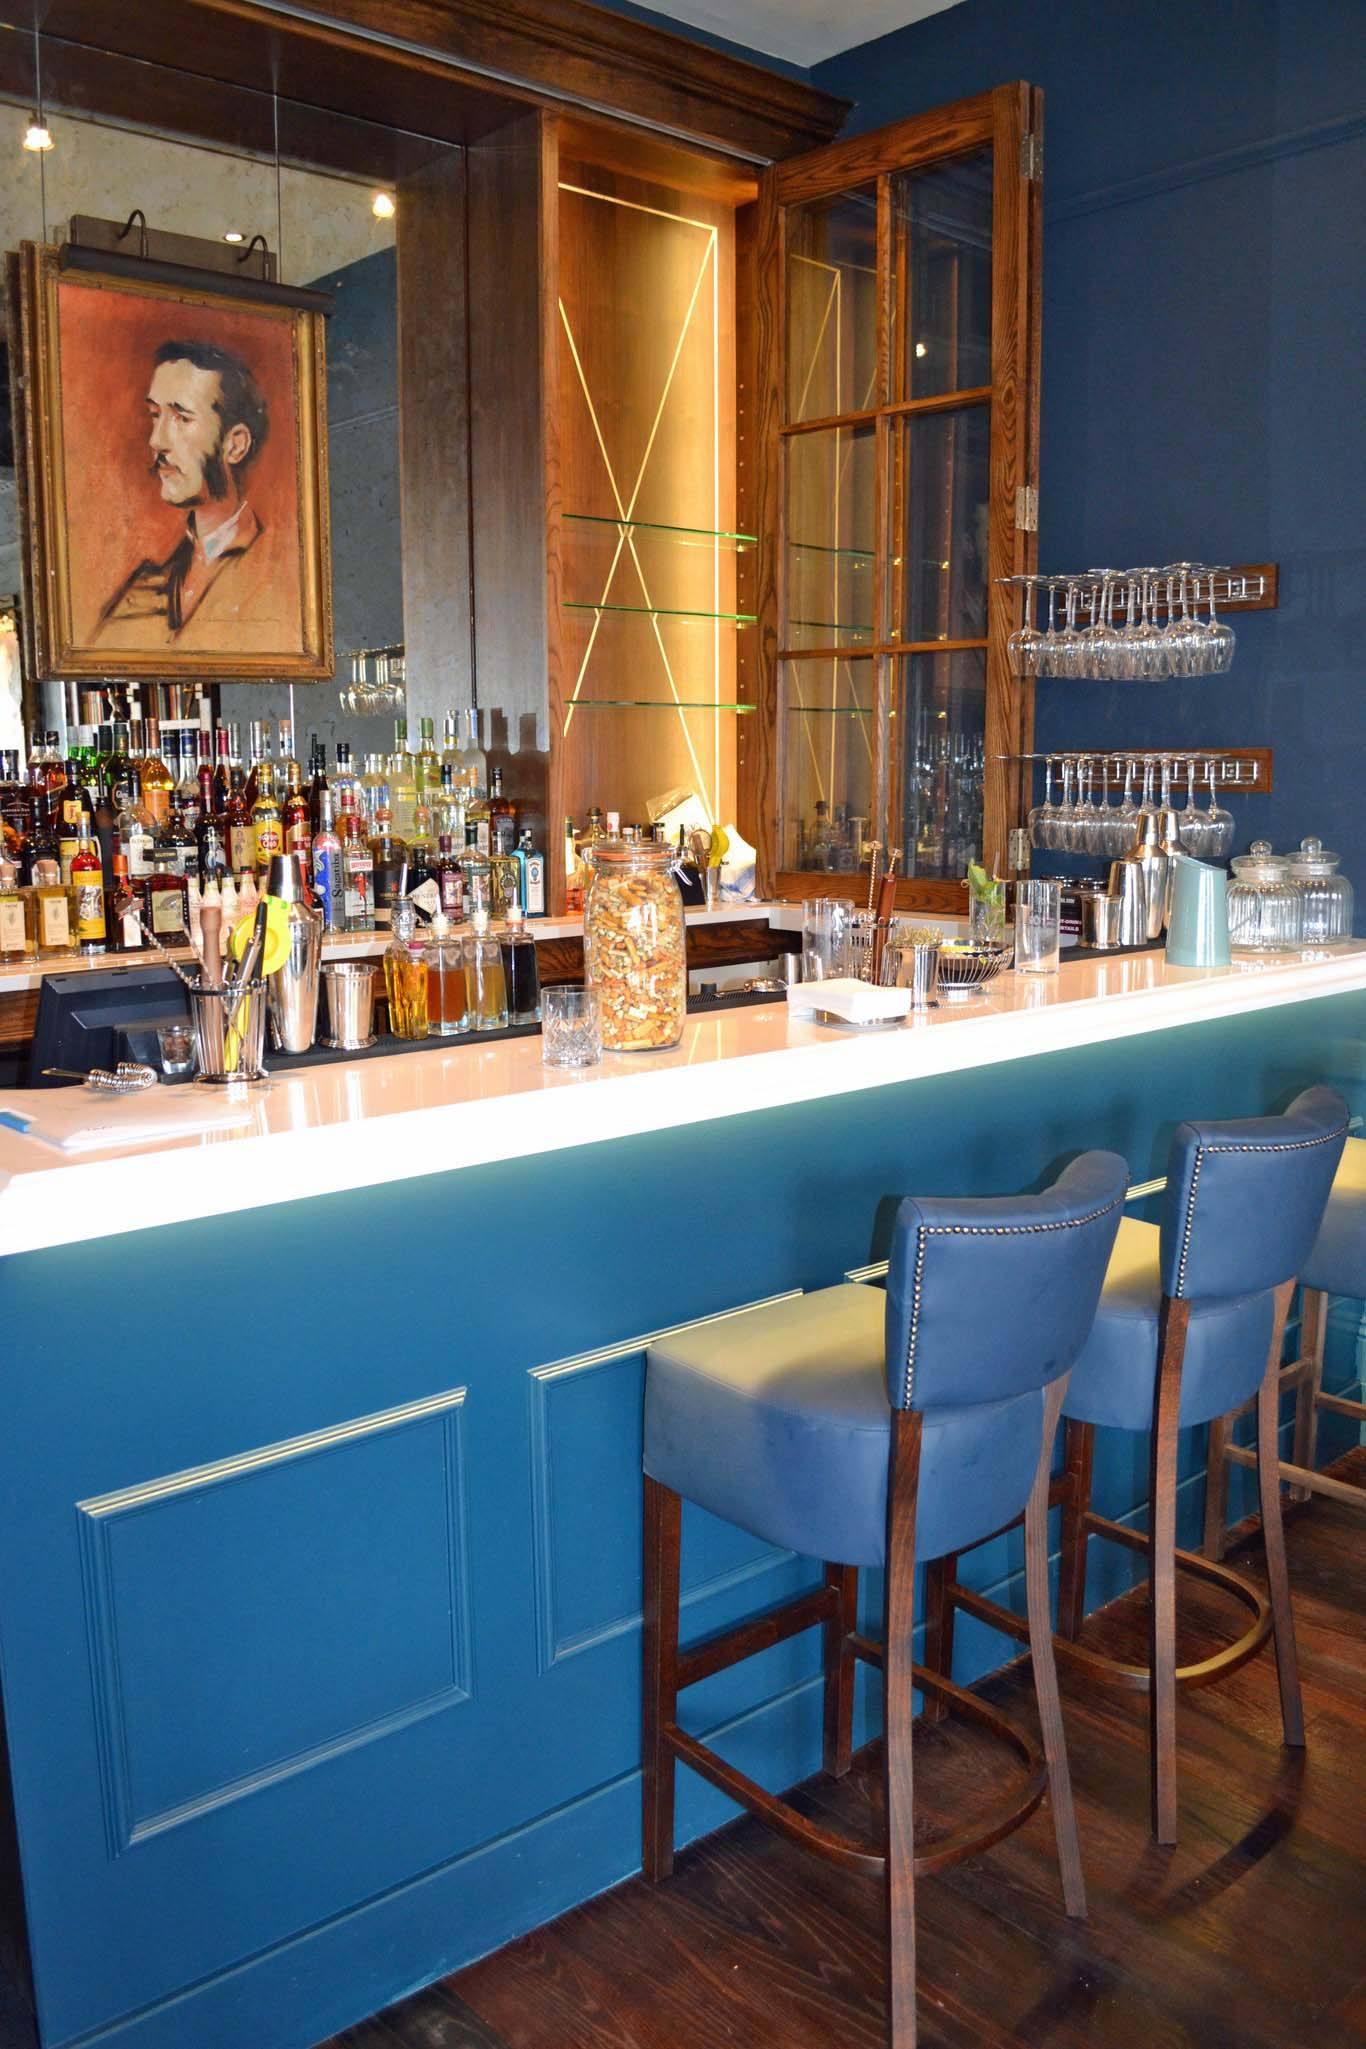 Bar detail: Boulogne bar. Photo: SE